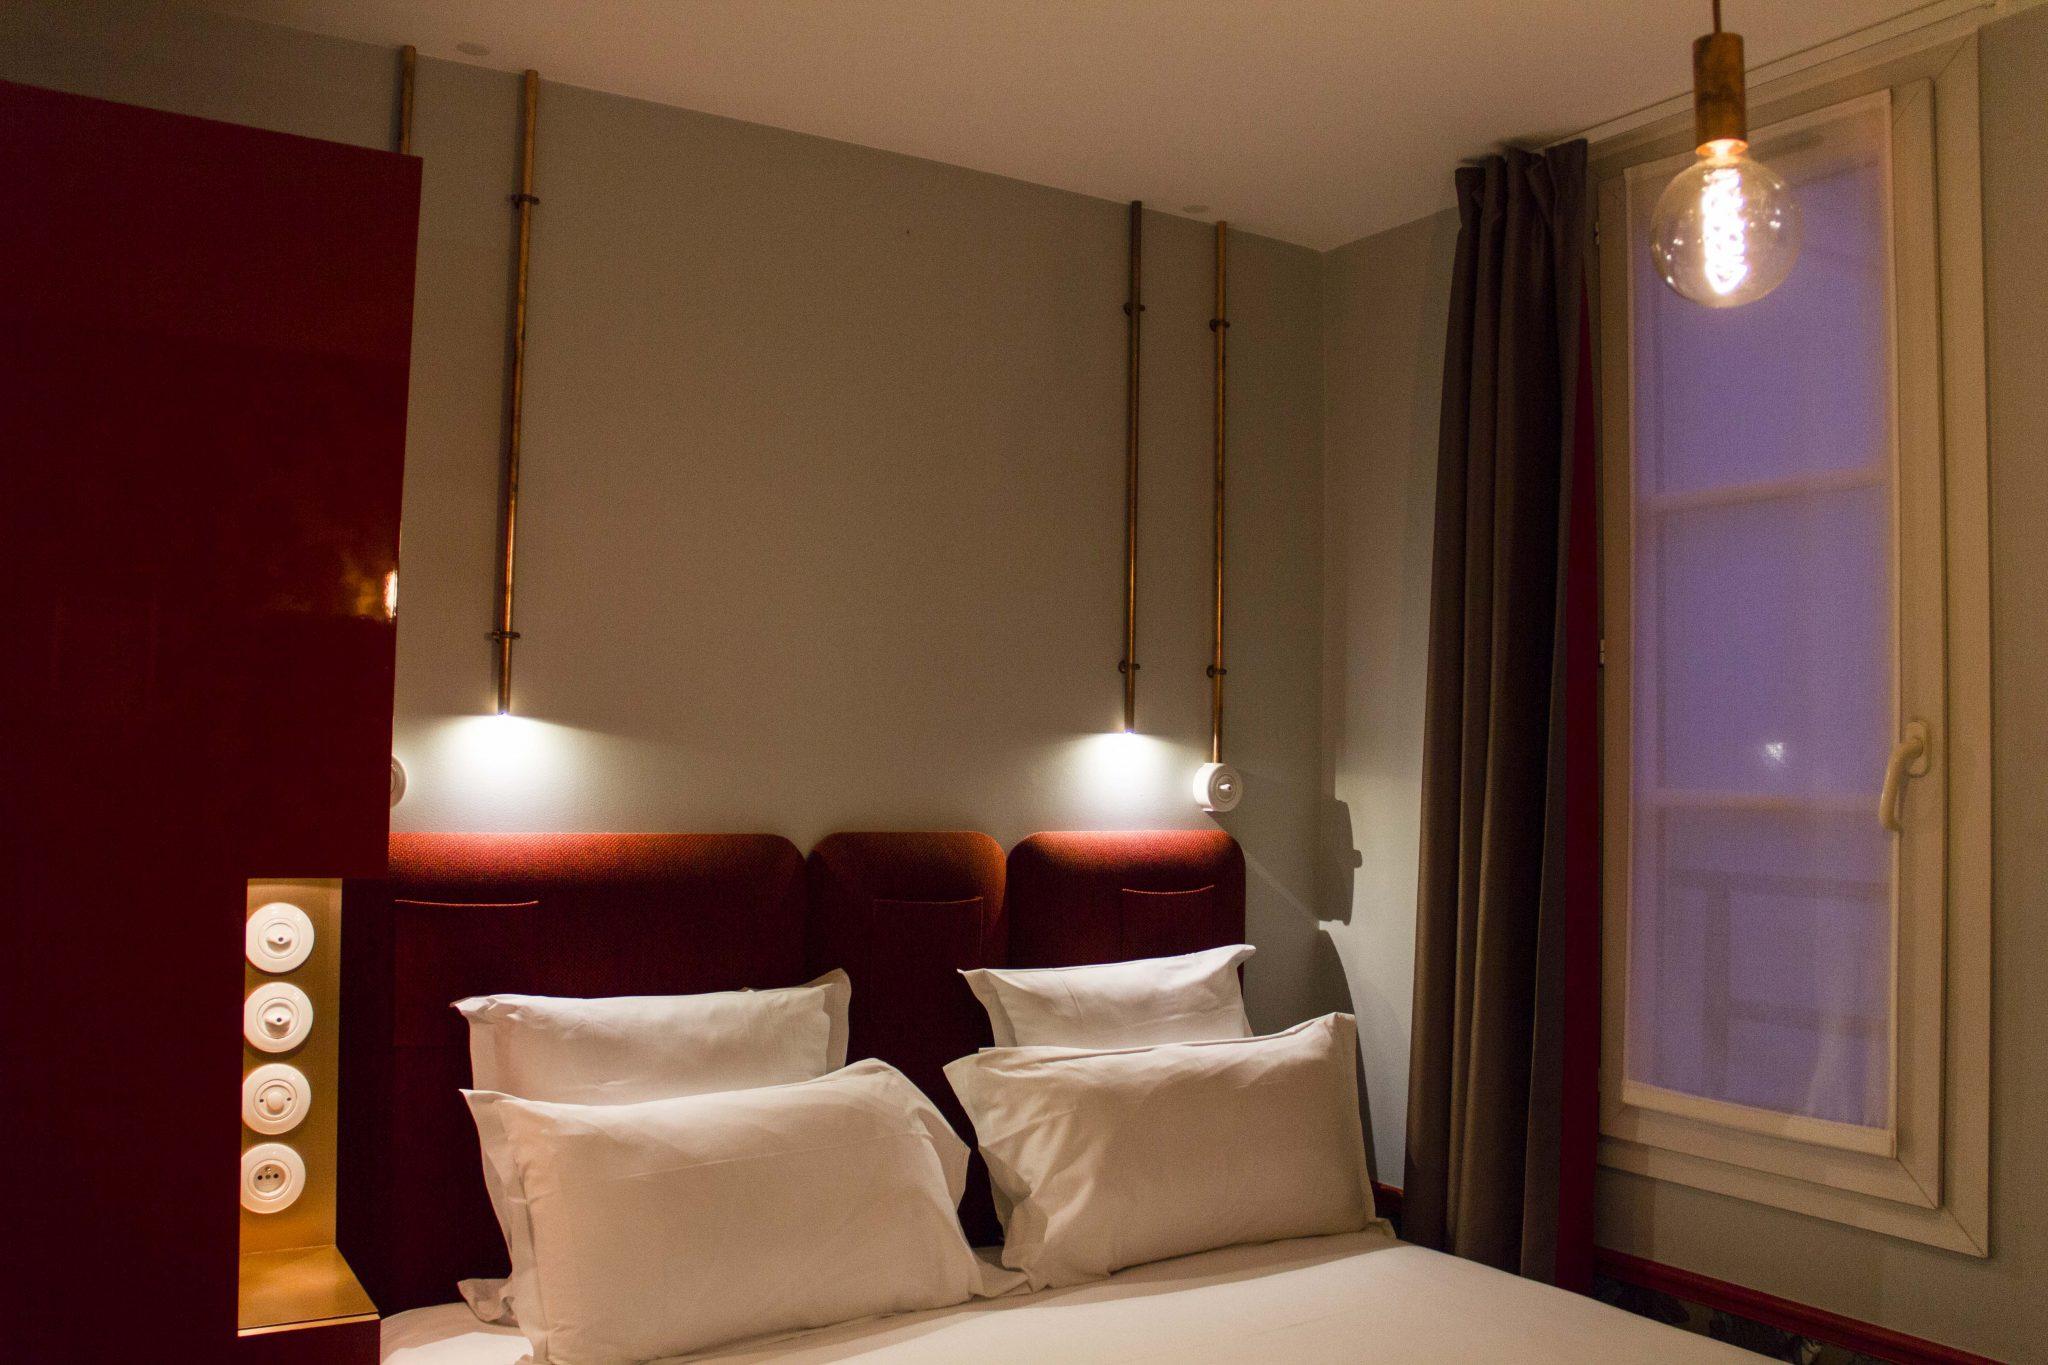 les hotels parisiens de melle bon plan mademoiselle bon plan. Black Bedroom Furniture Sets. Home Design Ideas